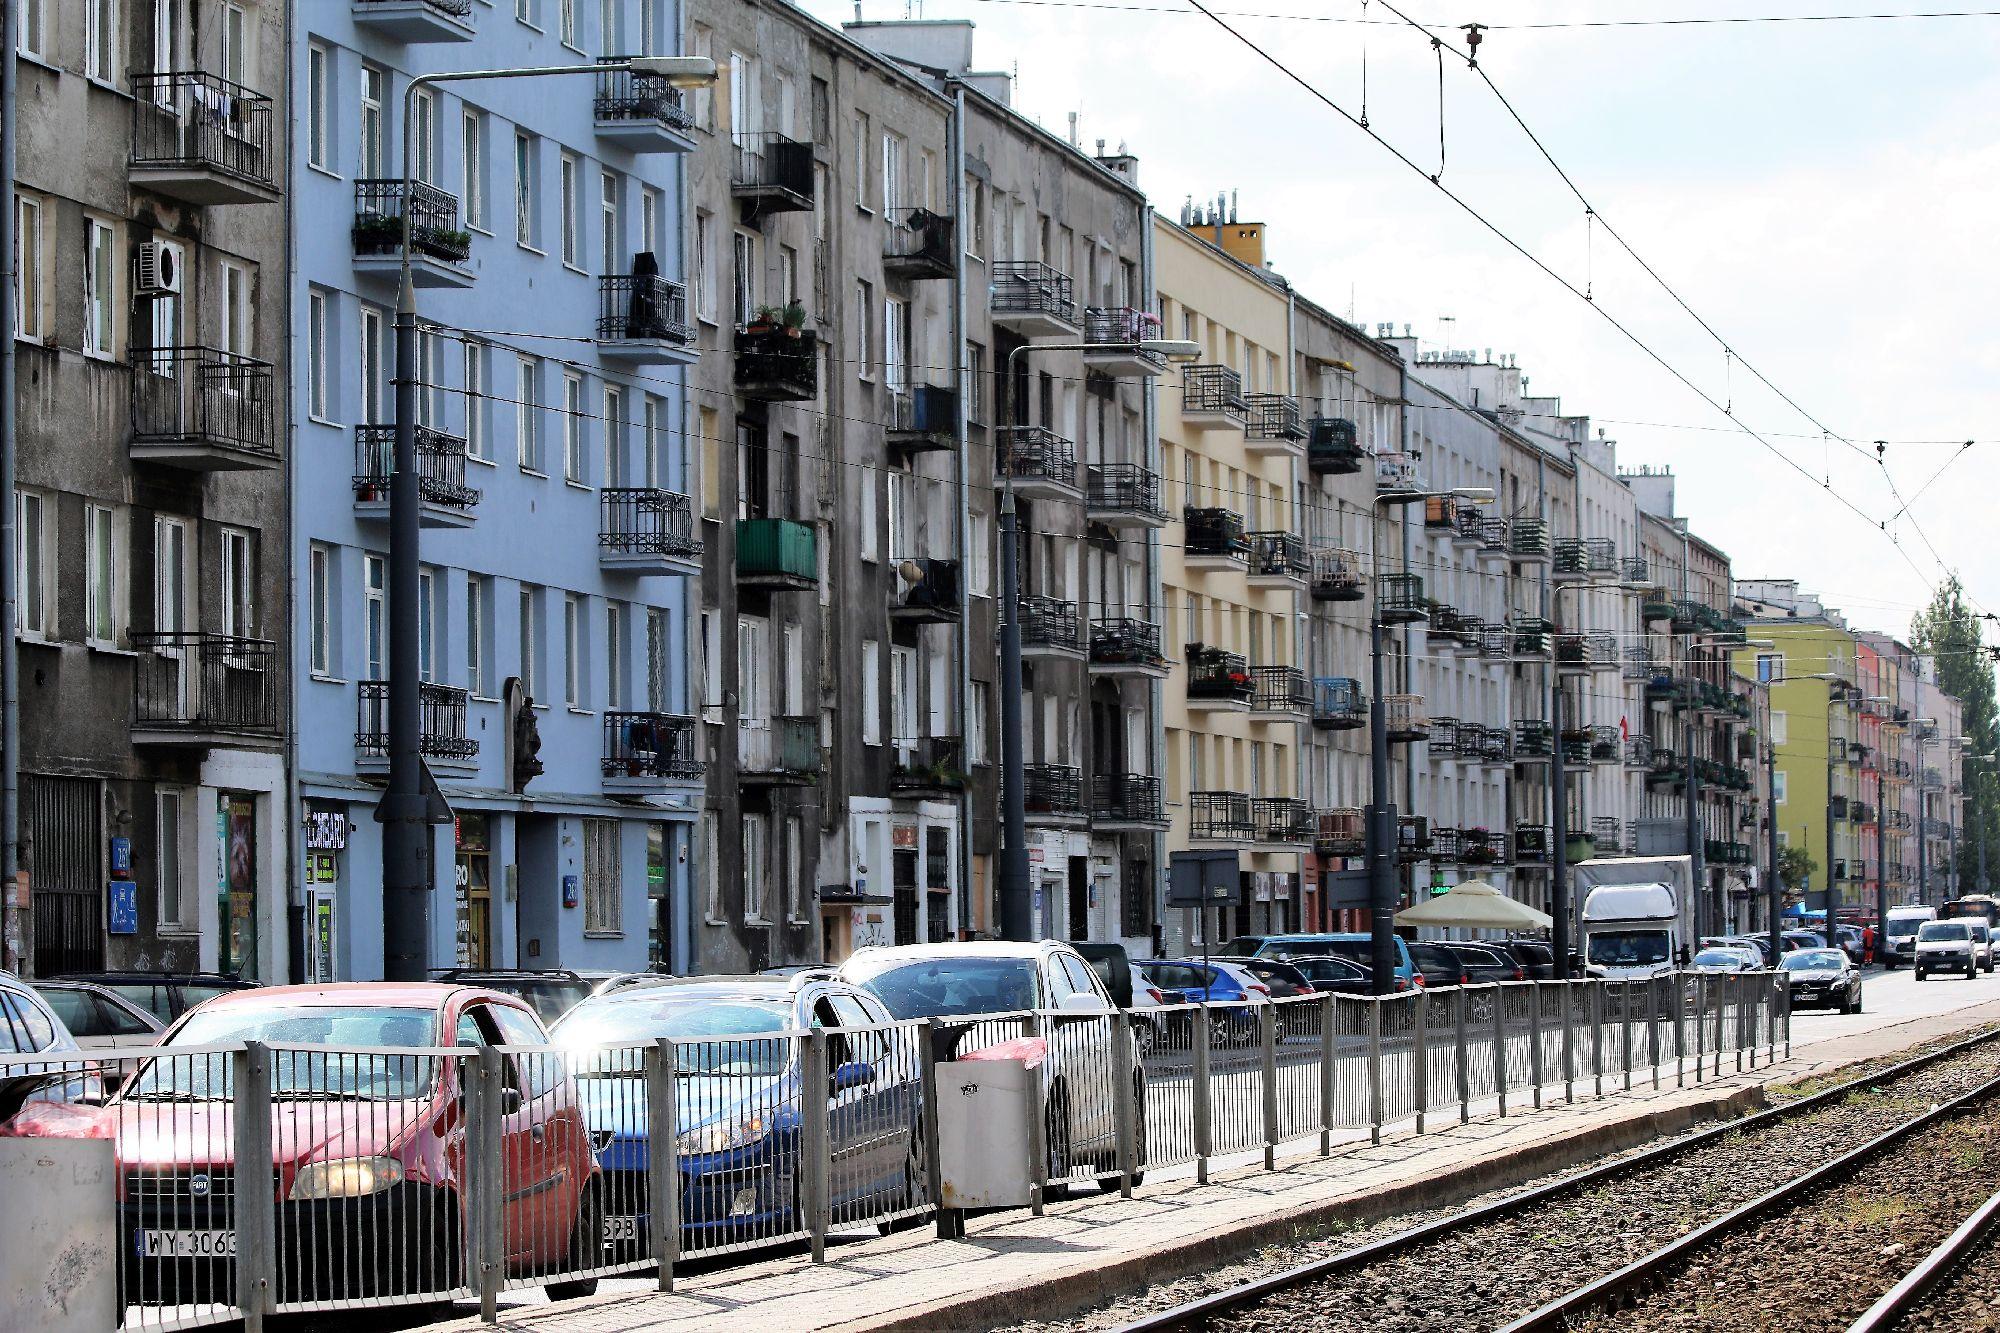 Tynki szlachetne kamienic z lat 30. na warszawskiej Pradze